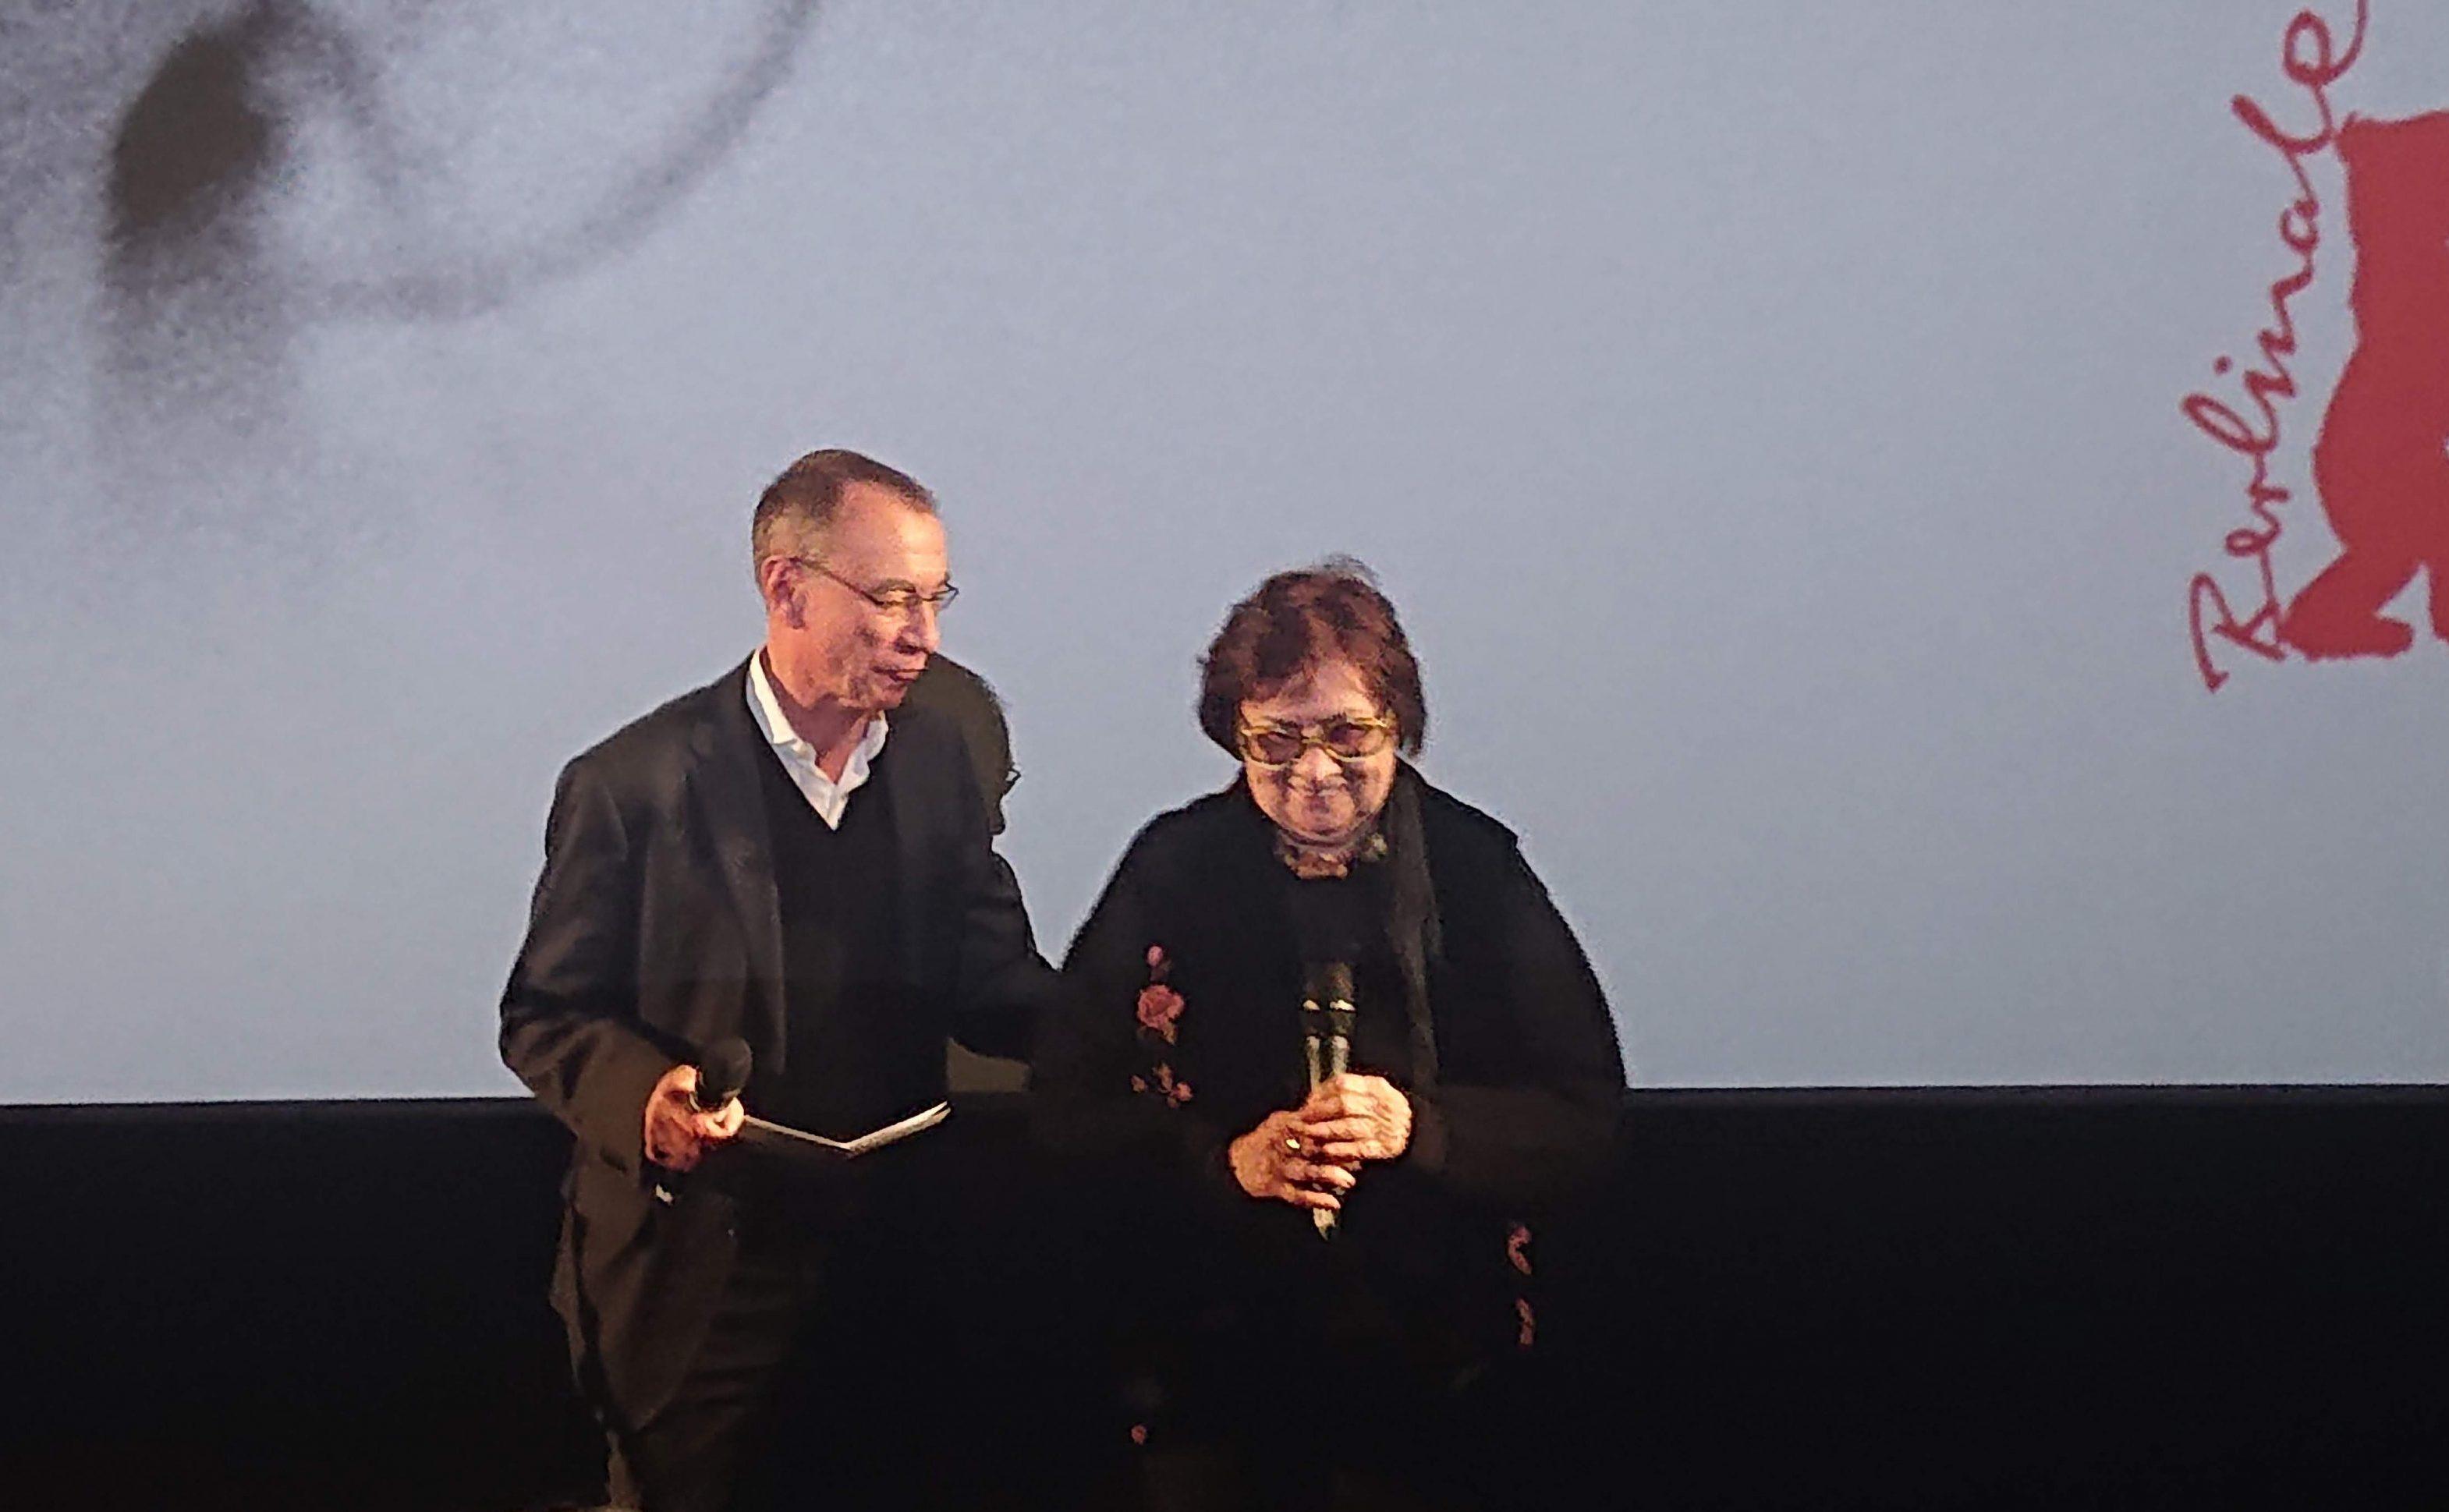 Márta Mészáros befote the screening of Adoption